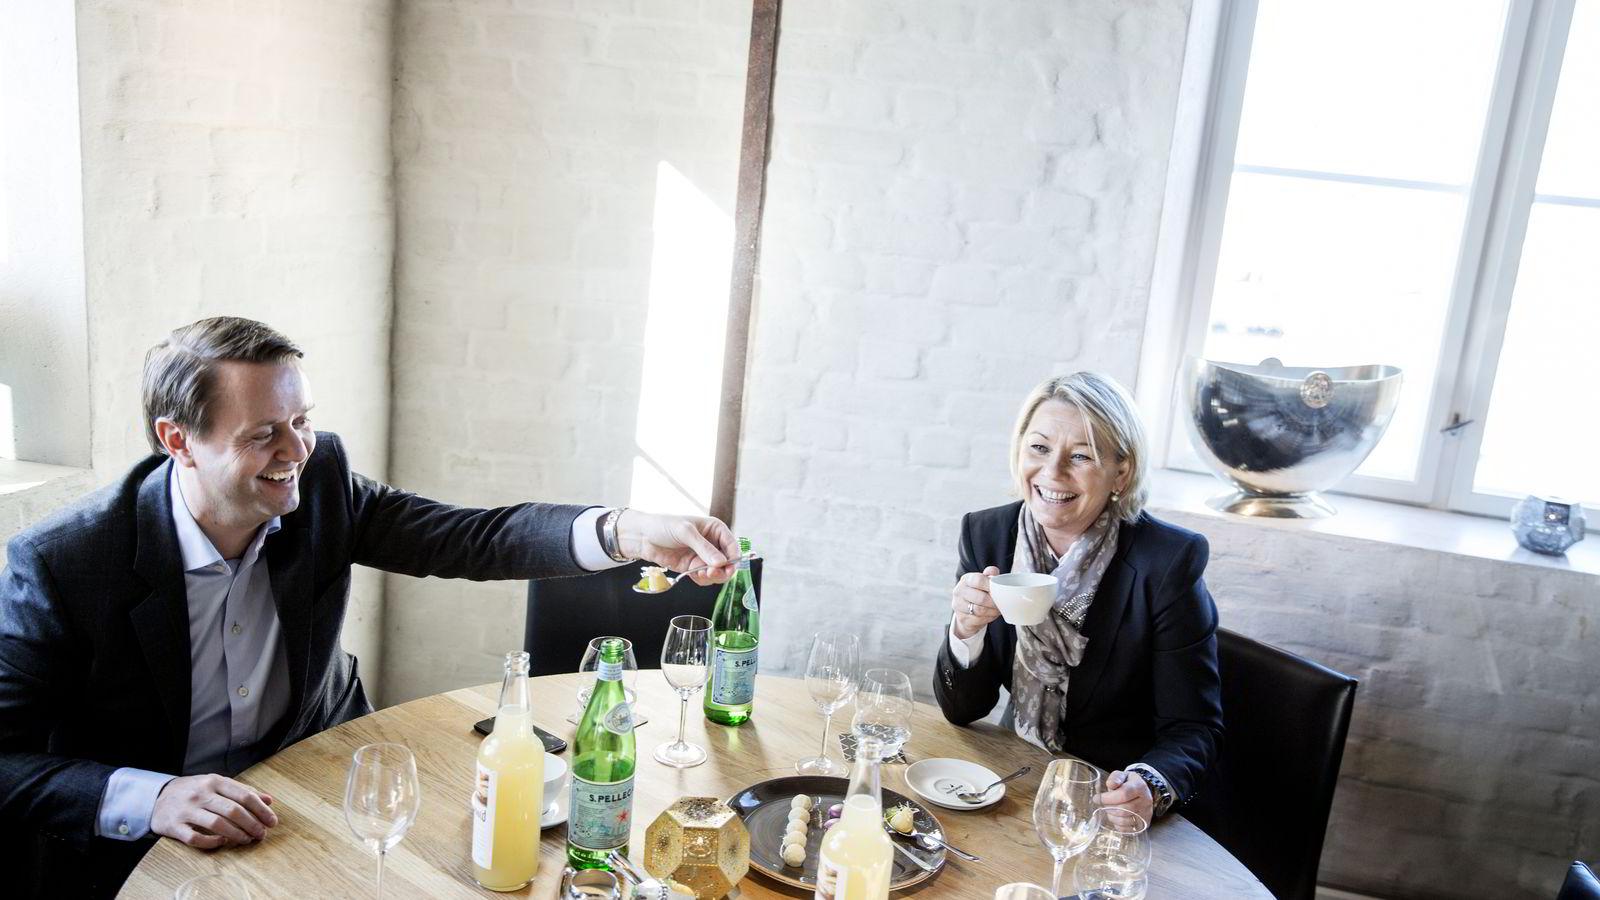 – Jeg mener vi trenger å jobbe med de utfordringene serveringsbransjen har. Men               det er ikke noe mål å lage hindringer for å etablere seg, sier næringsmininster Monica Mæland, som vil fjerne deler av dagens lovverk. Foto: Fredrik Bjerknes